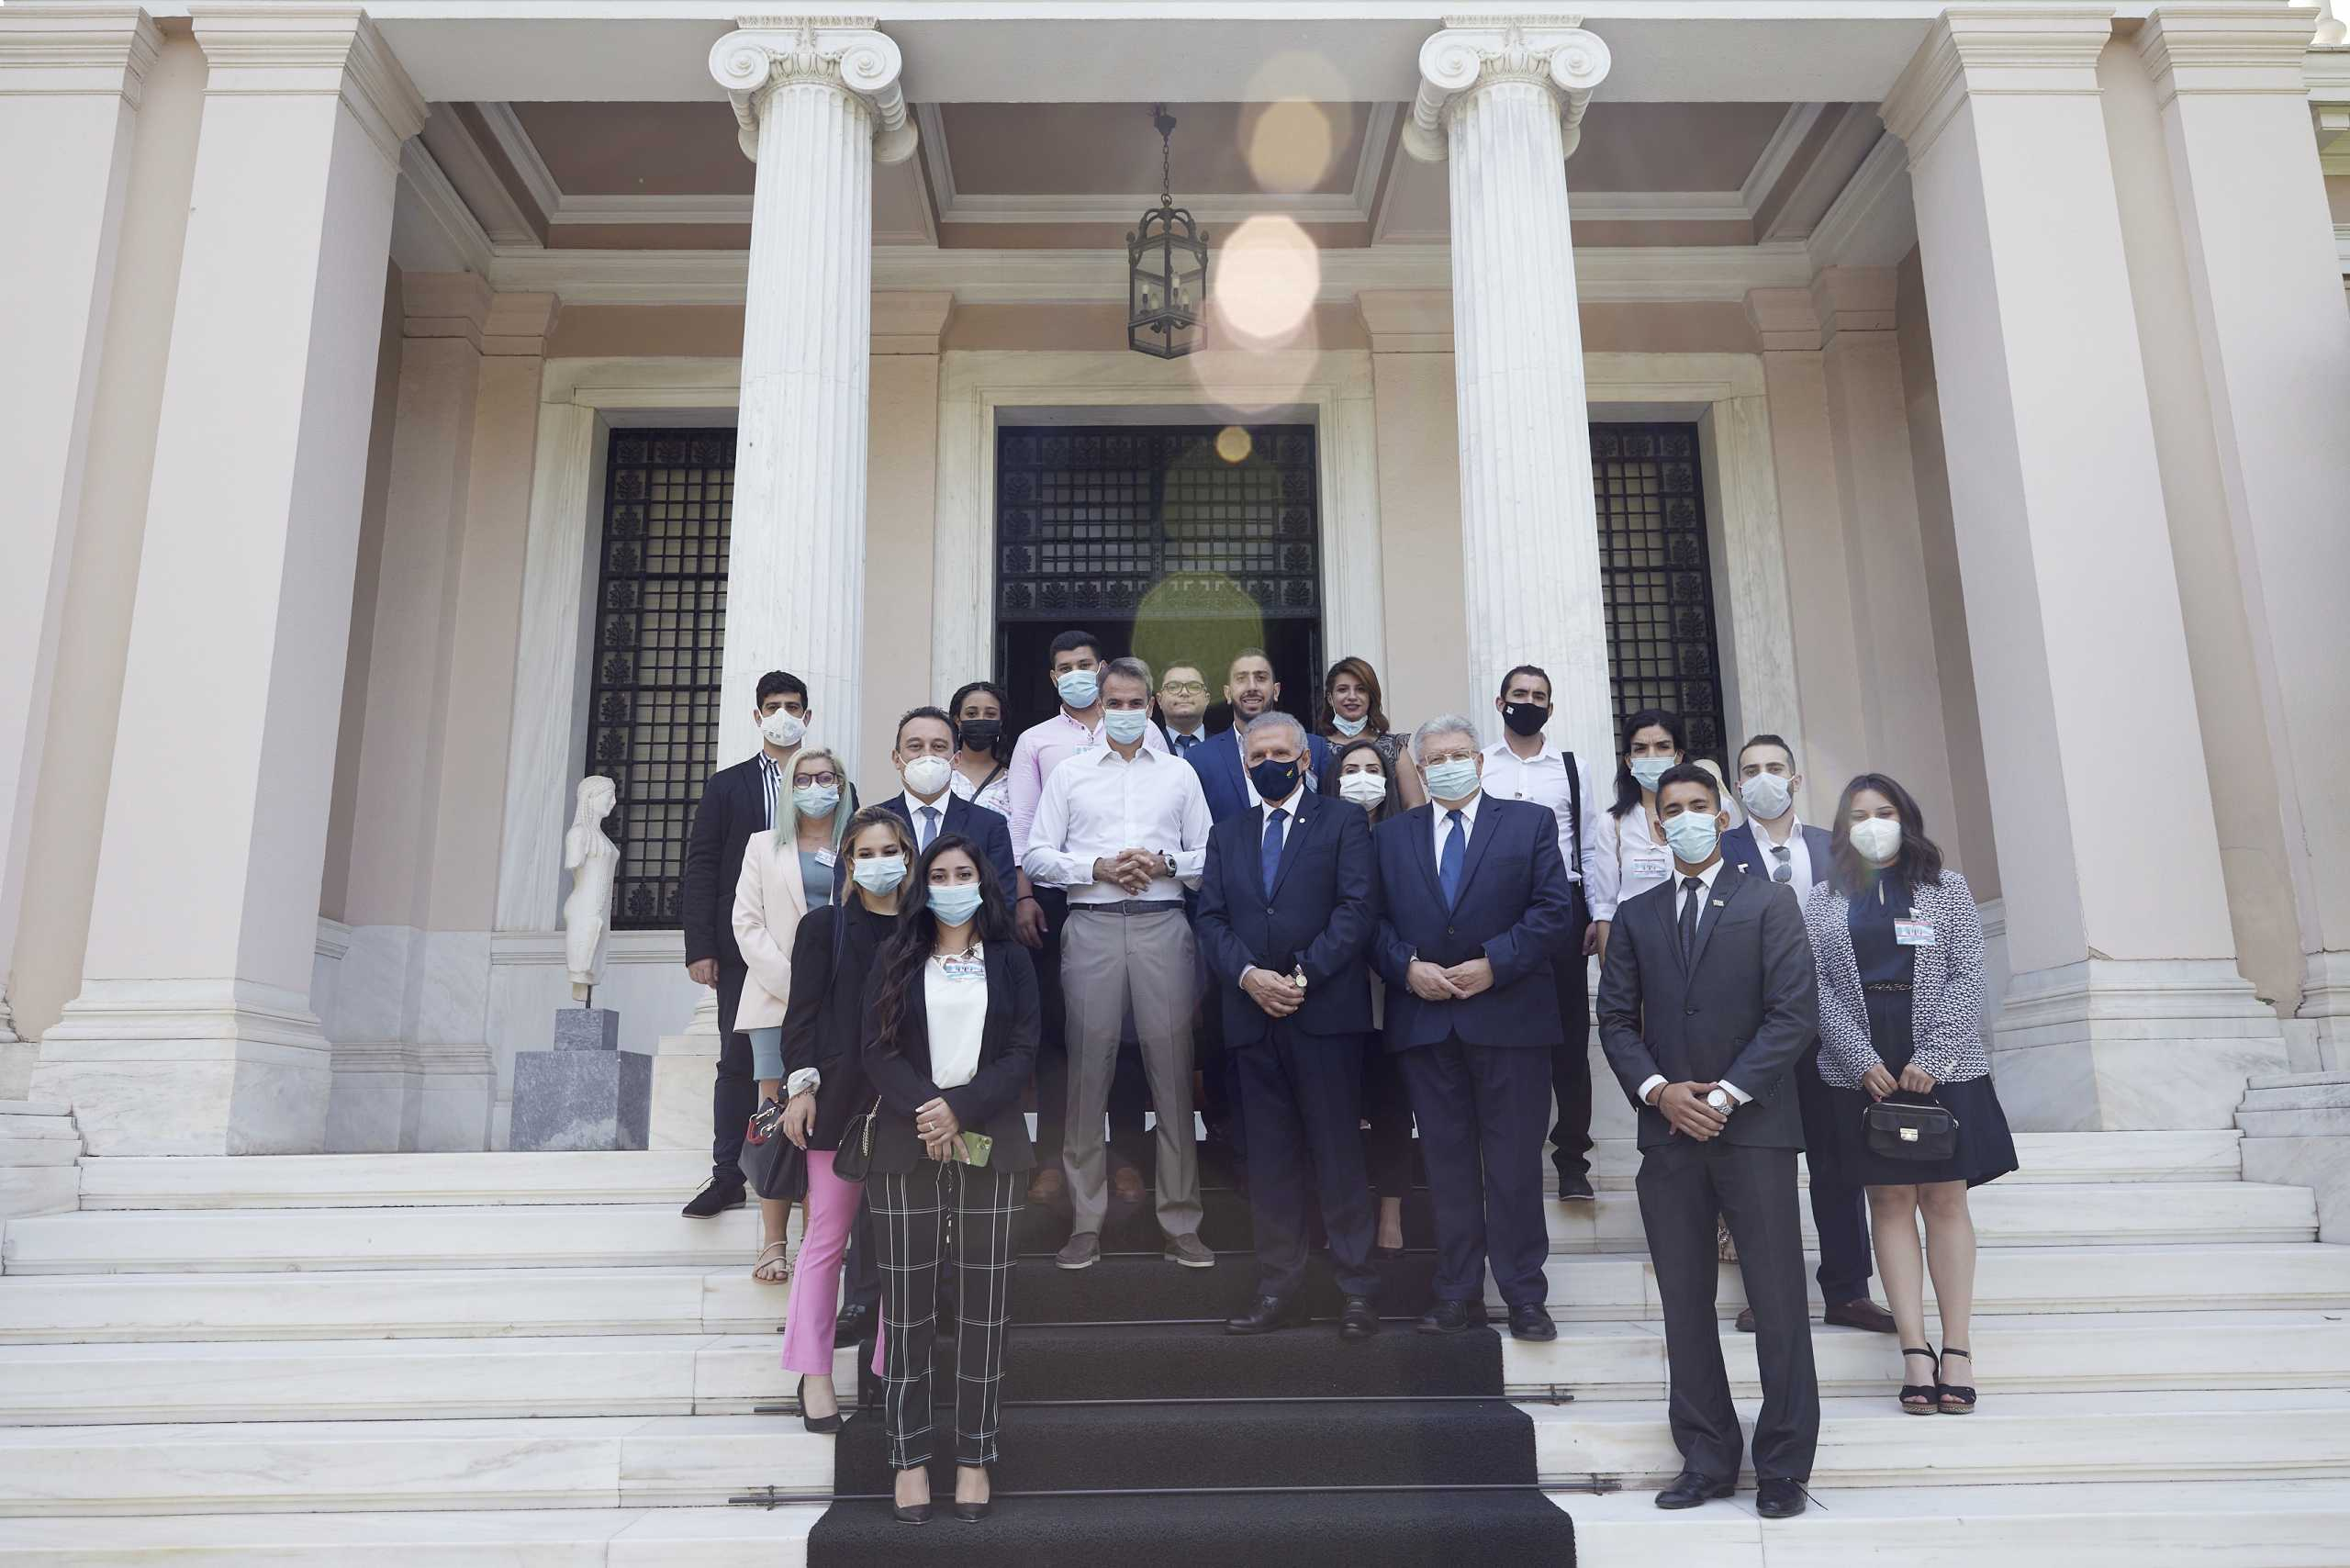 Κυριάκος Μητσοτάκη σε νέες και νέους του προγράμματος «Νόστος»: «Ο παγκόσμιος ελληνισμός μεγάλη δύναμη για τη χώρα»